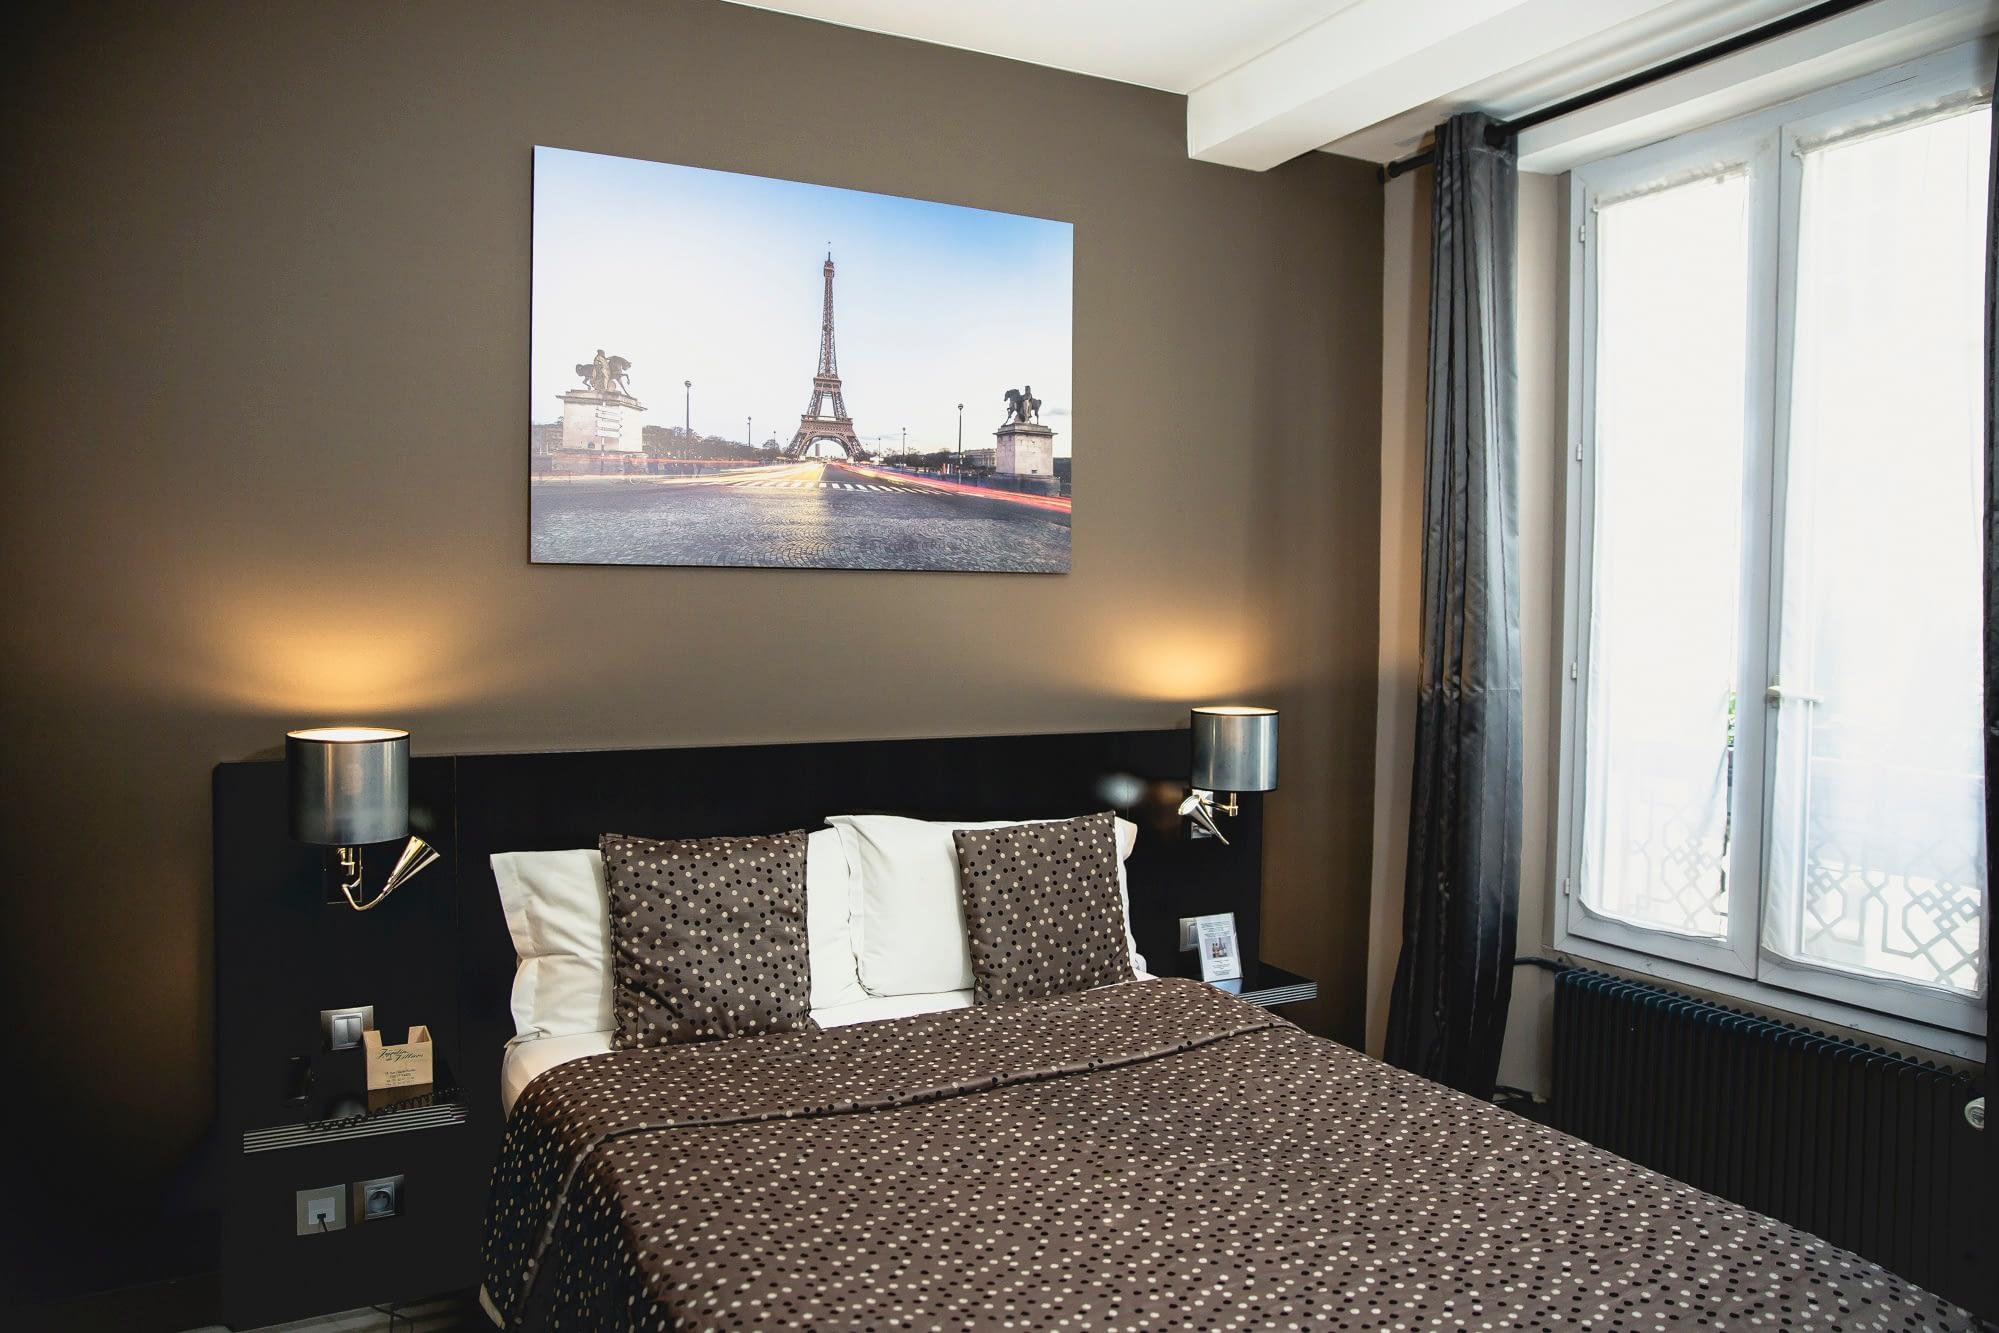 Vente et installation de photographies d'art Pixopolitan pour l'hôtel Jardin de Villiers